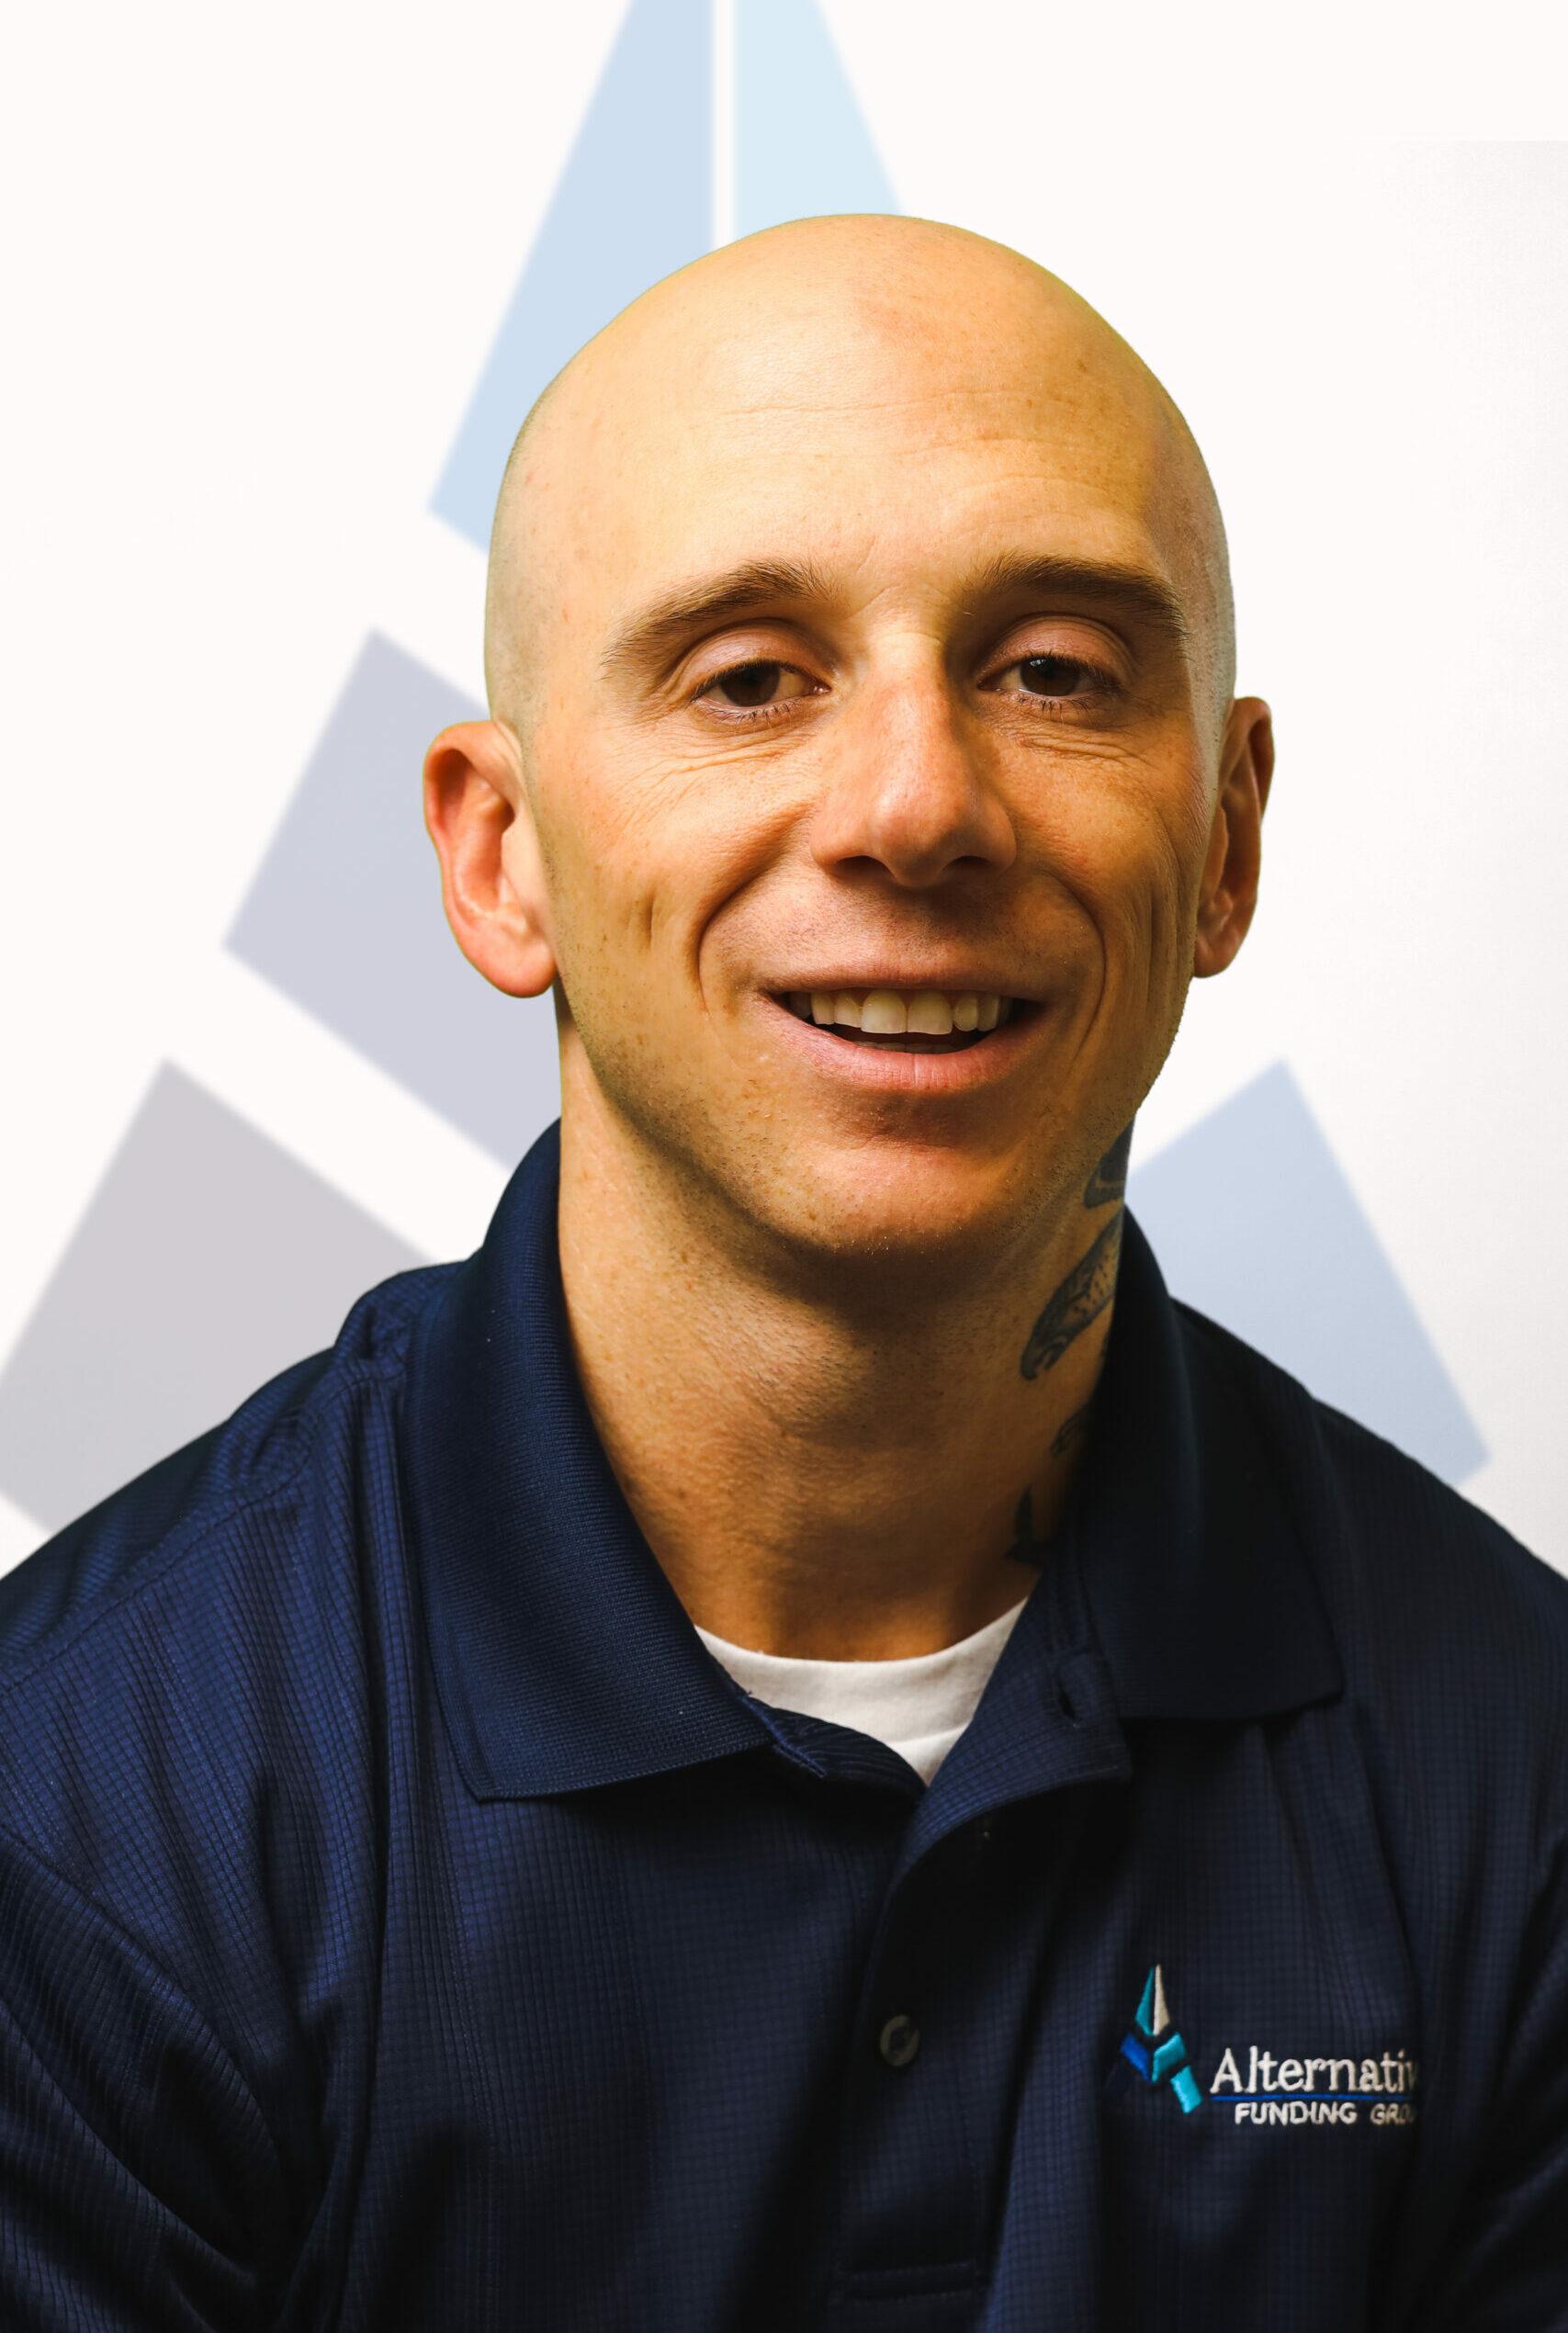 Anthony Costa